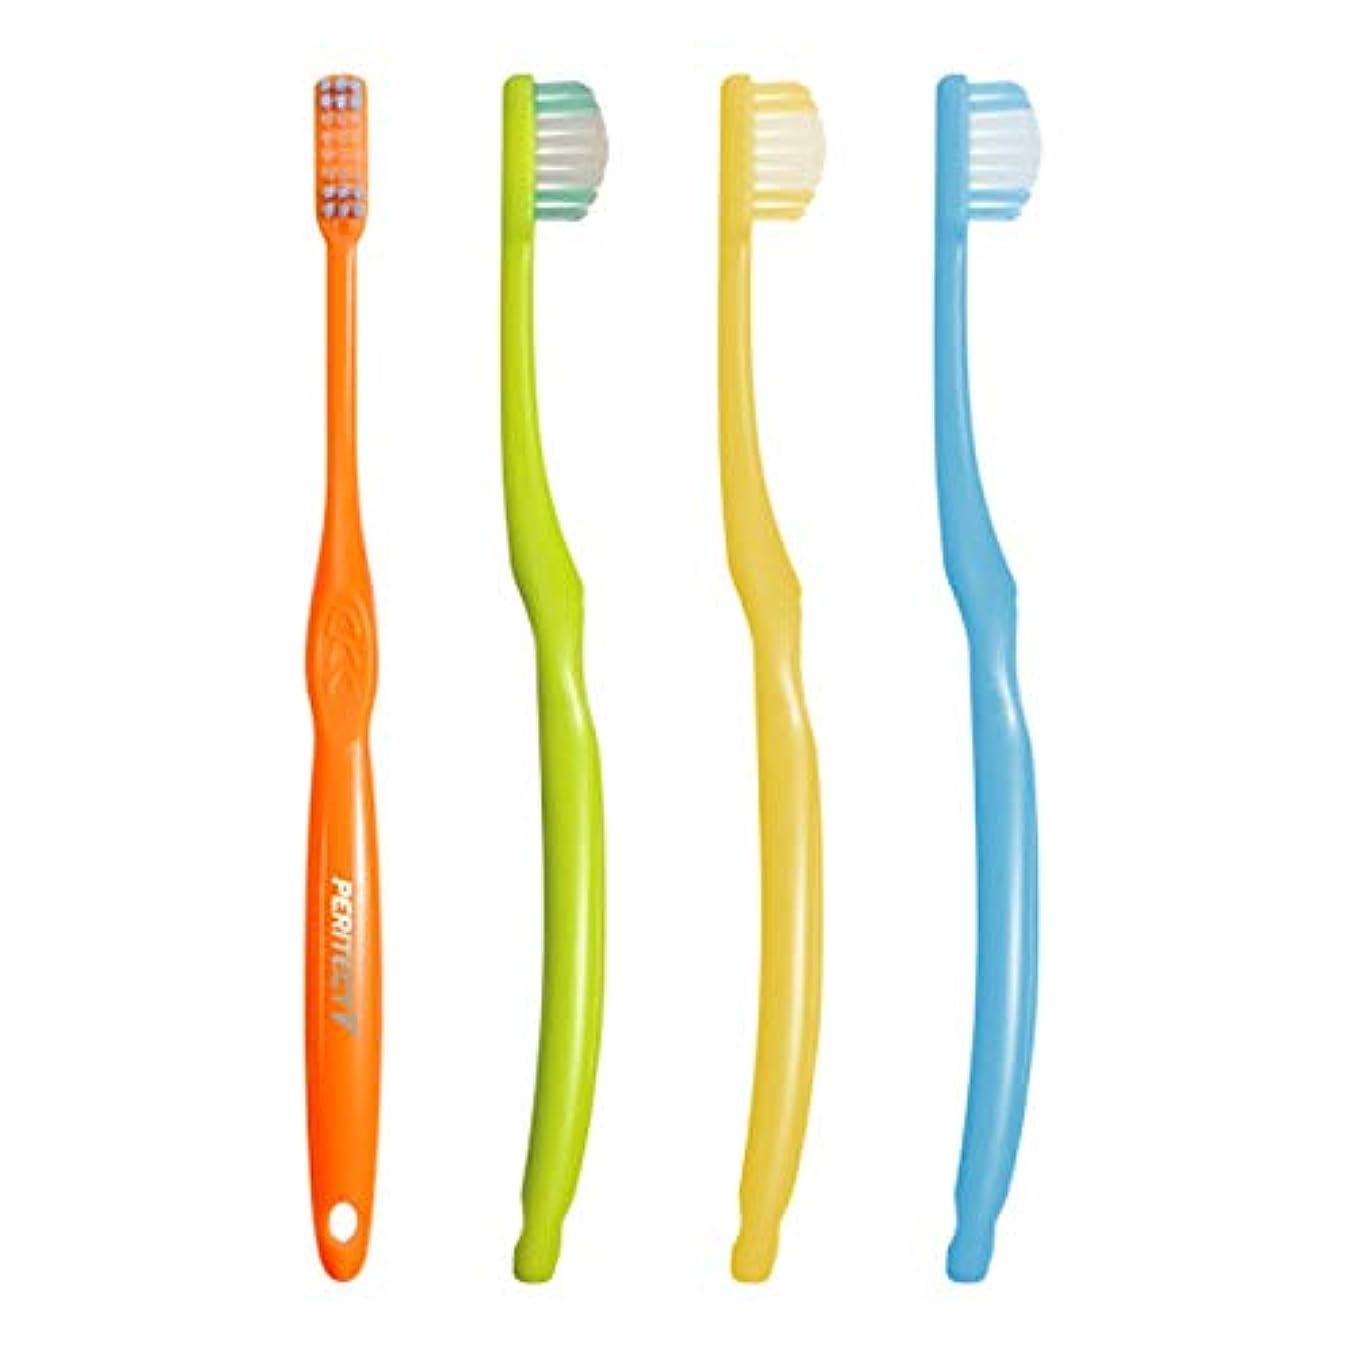 表示入場料発生するビーブランド PERITECT V ペリテクト ブイ 6M(やわらかめ)×10本 ハブラシ 歯周病予防 歯科専売品